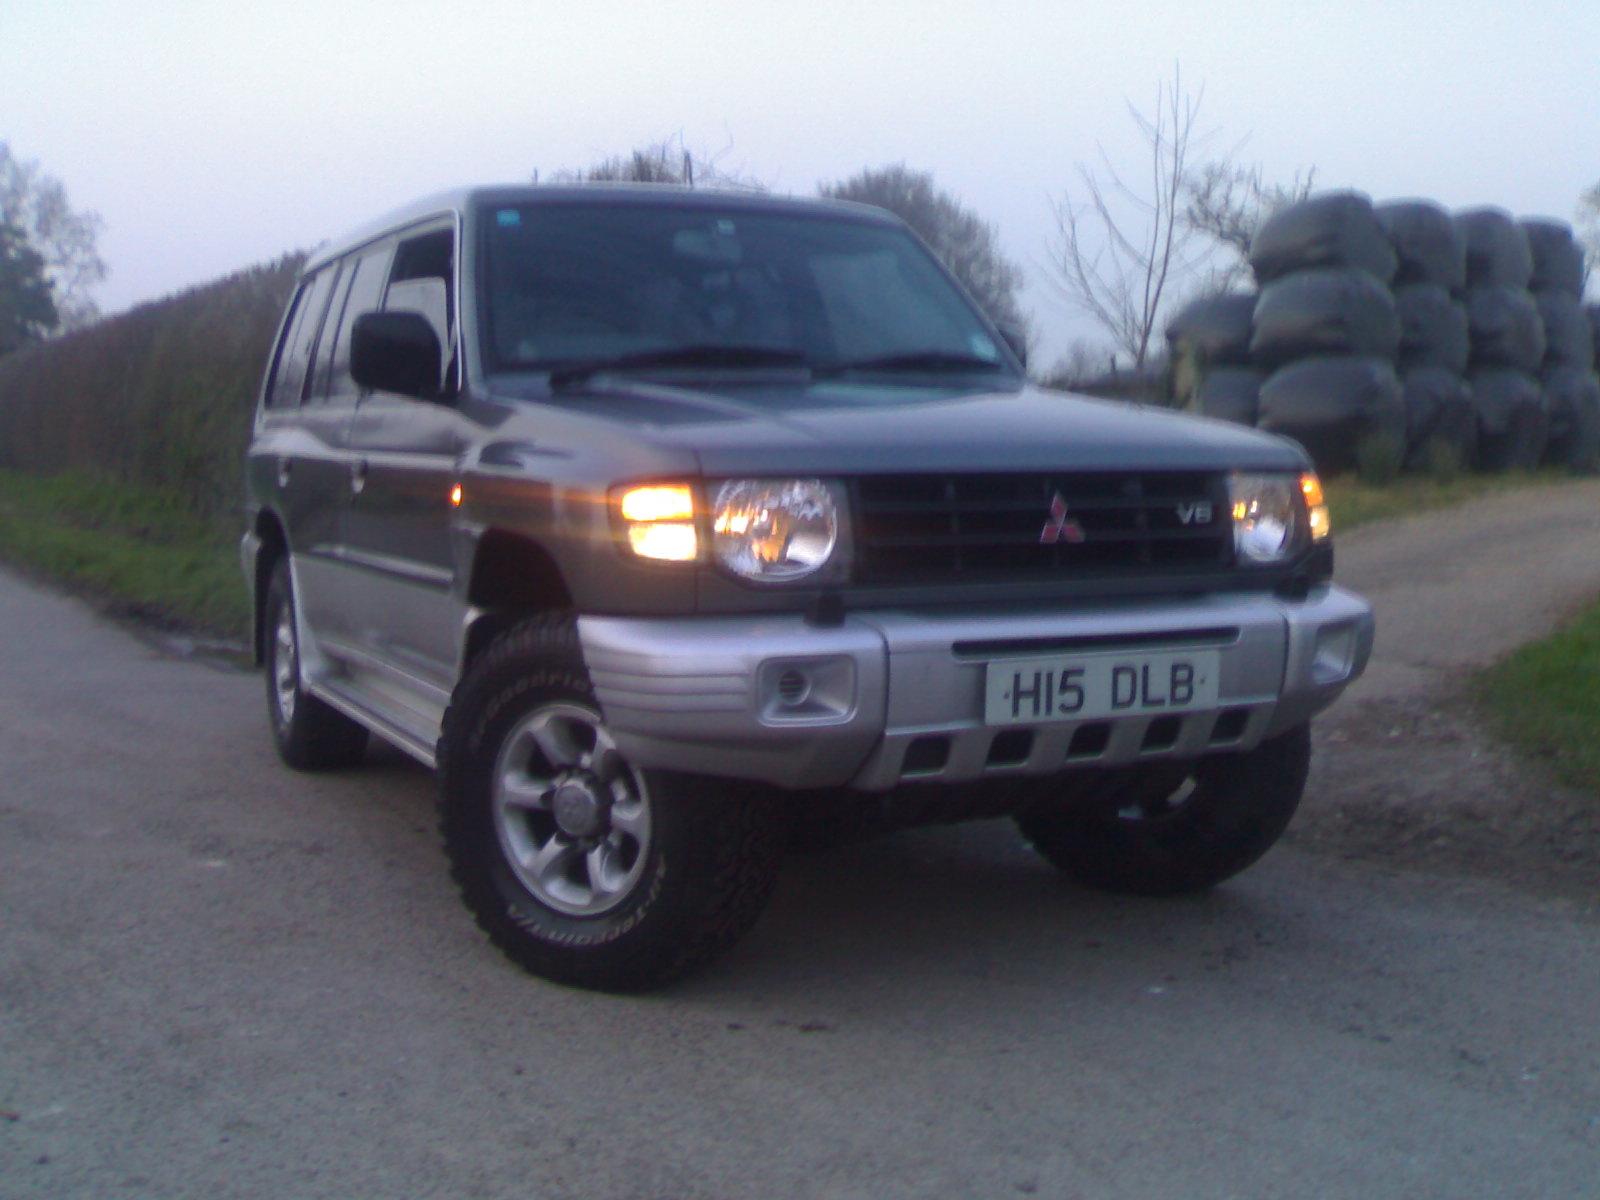 1999 Mitsubishi Pajero picture